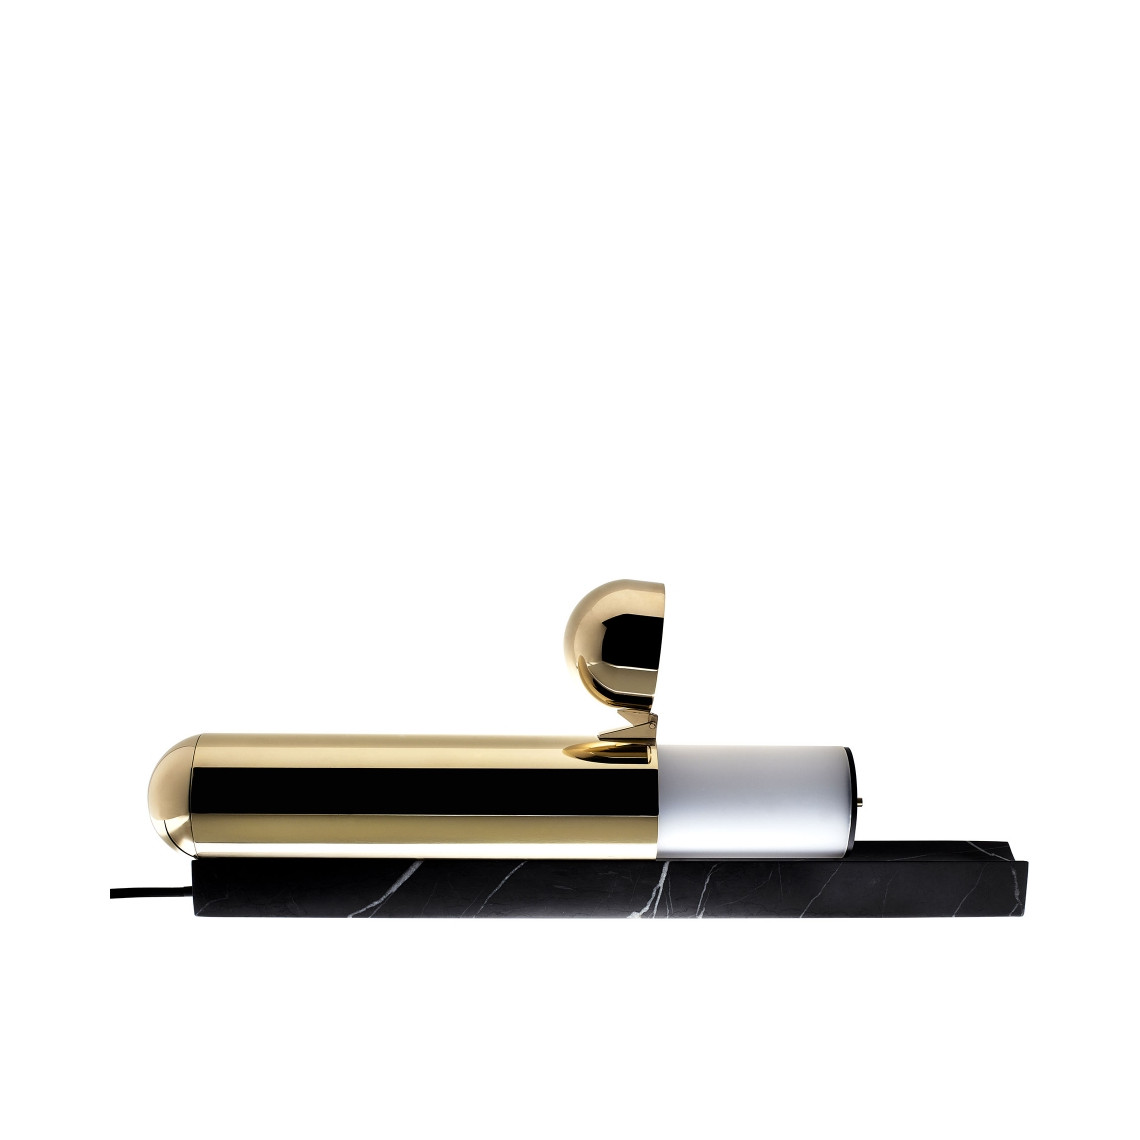 ISP - Bordslampa Svart Marmorbas